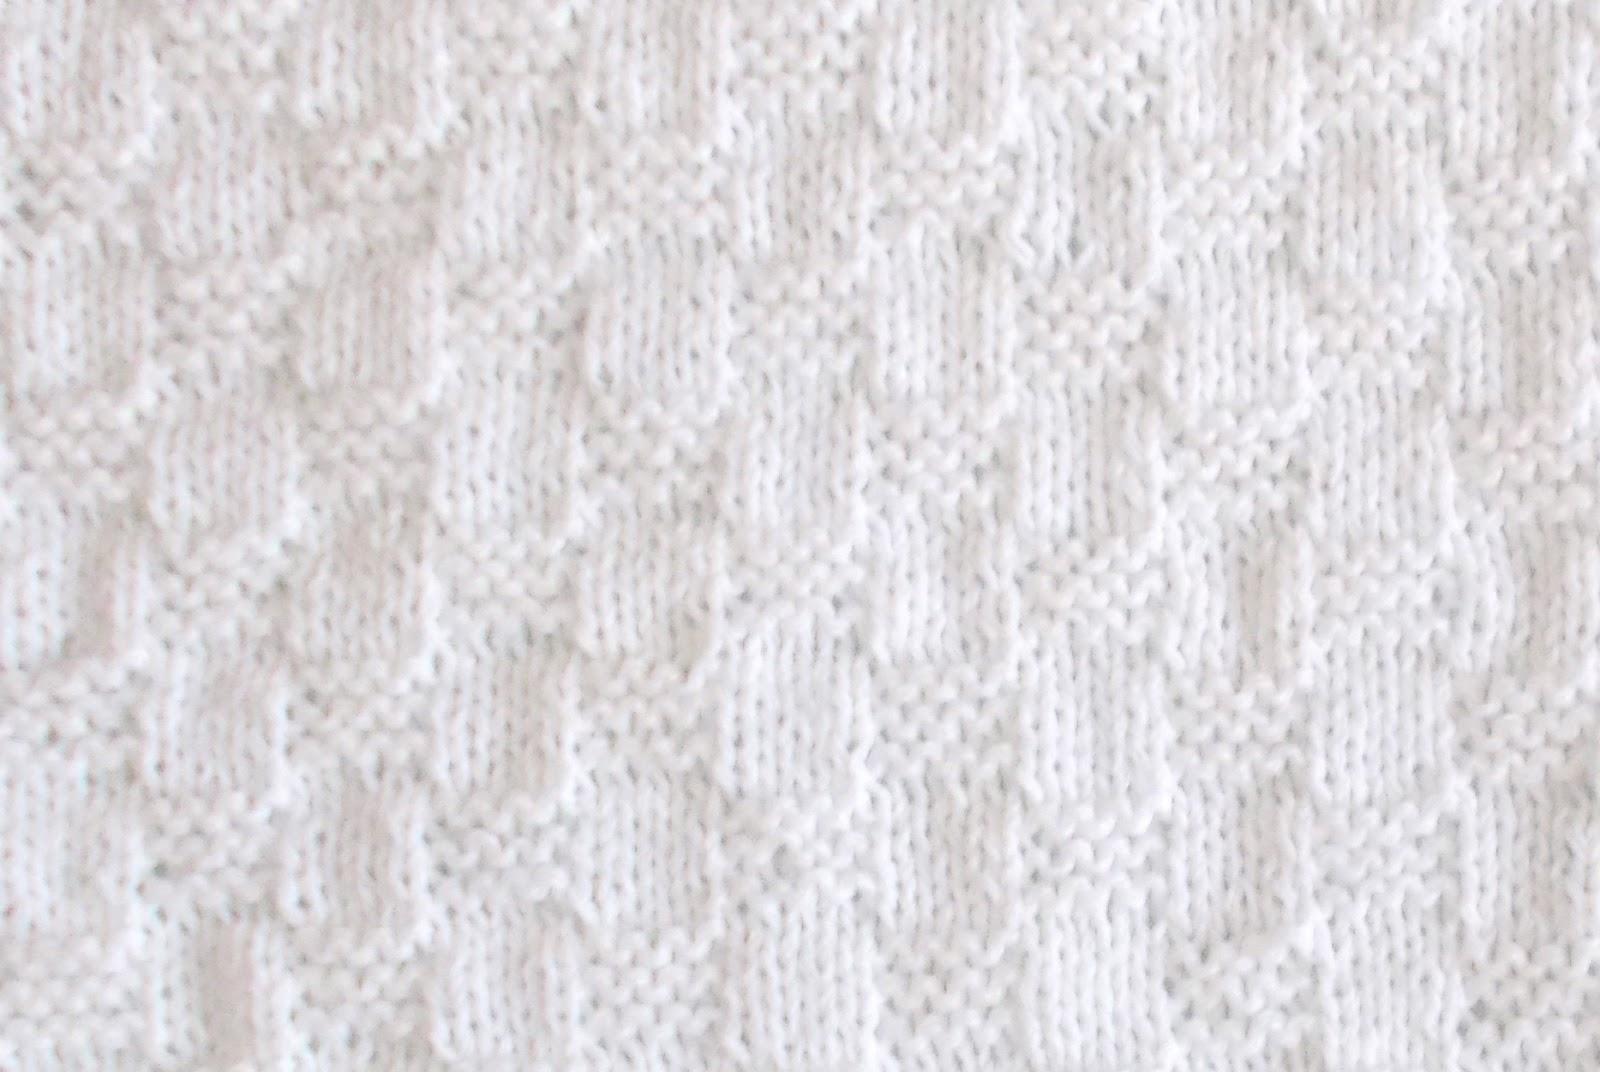 Marianna S Lazy Daisy Days Willow Preemie Baby Blanket